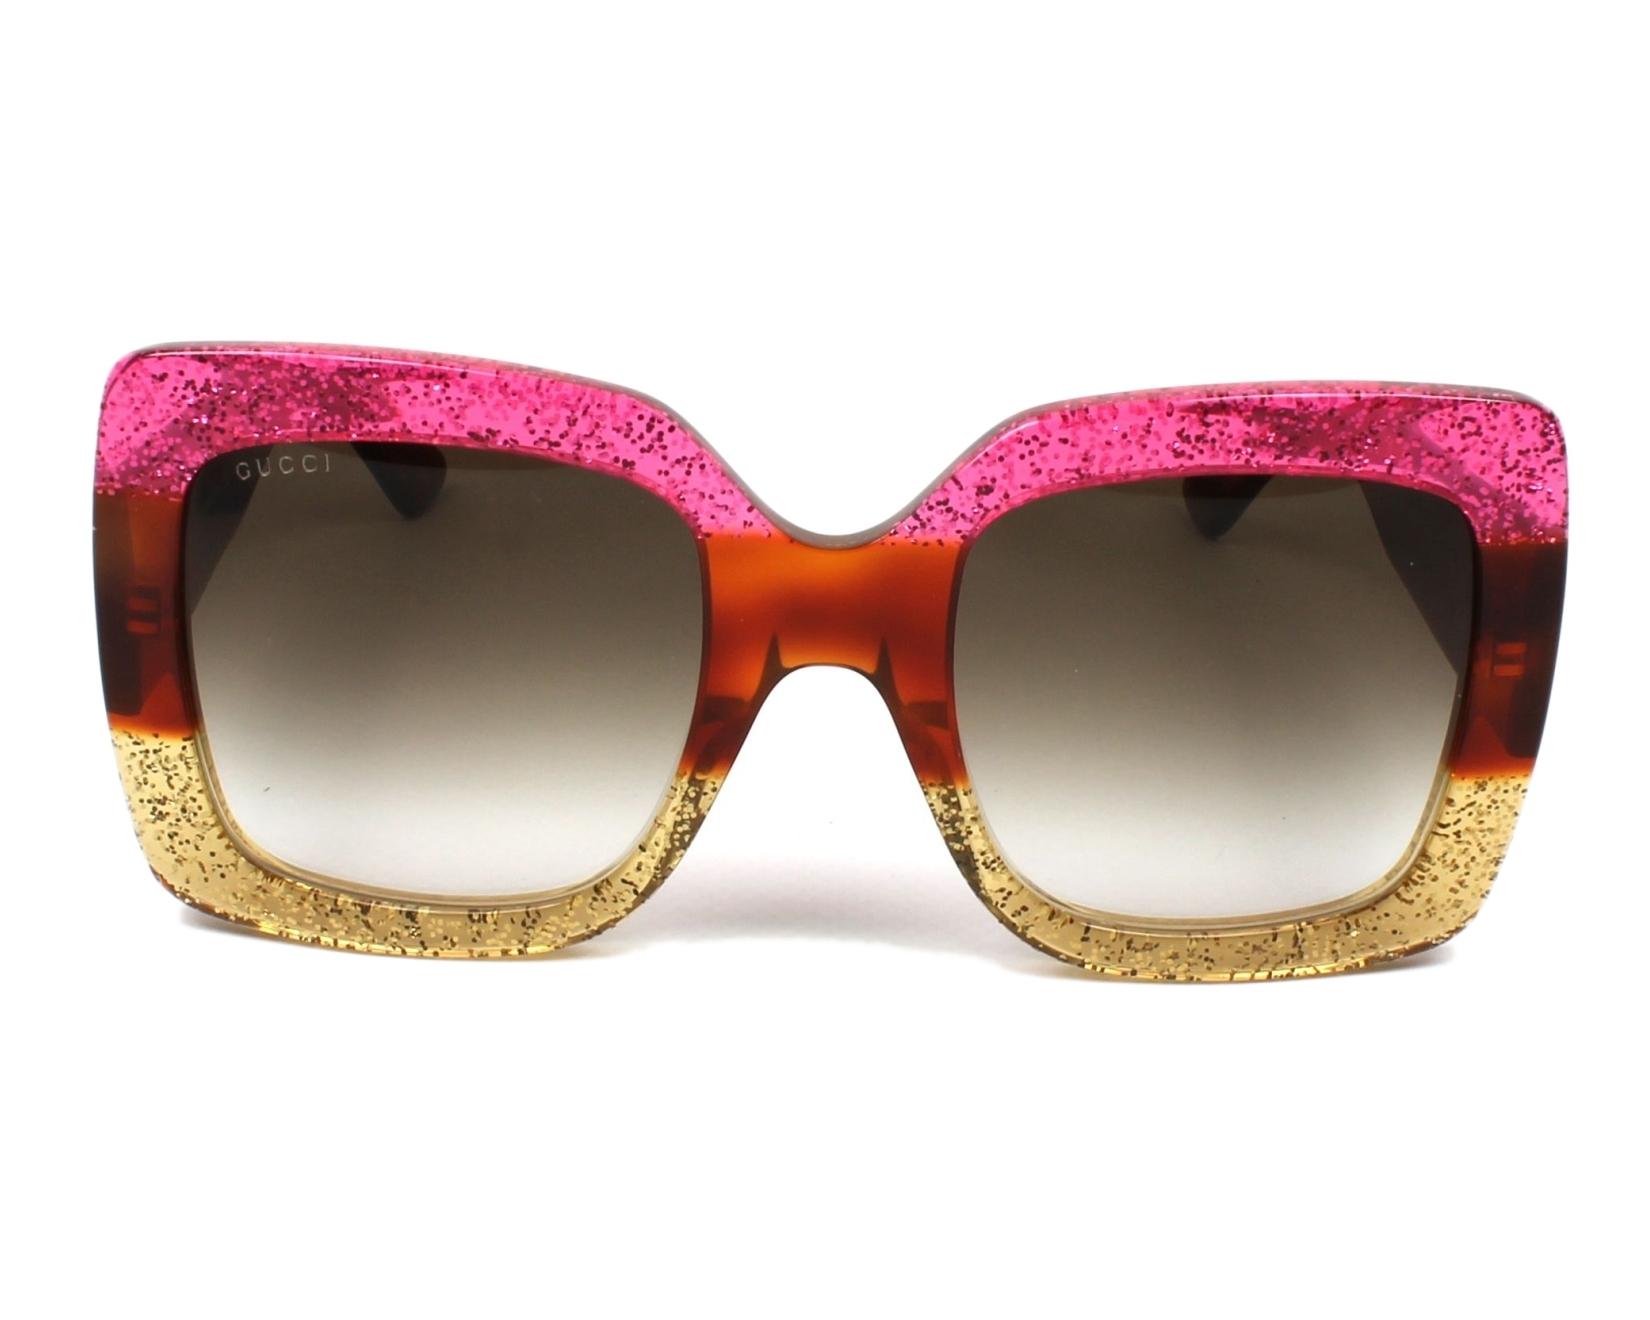 cc97946fec9 Sunglasses Gucci GG-0083-S 002 55-24 Fuchsia Brown front view